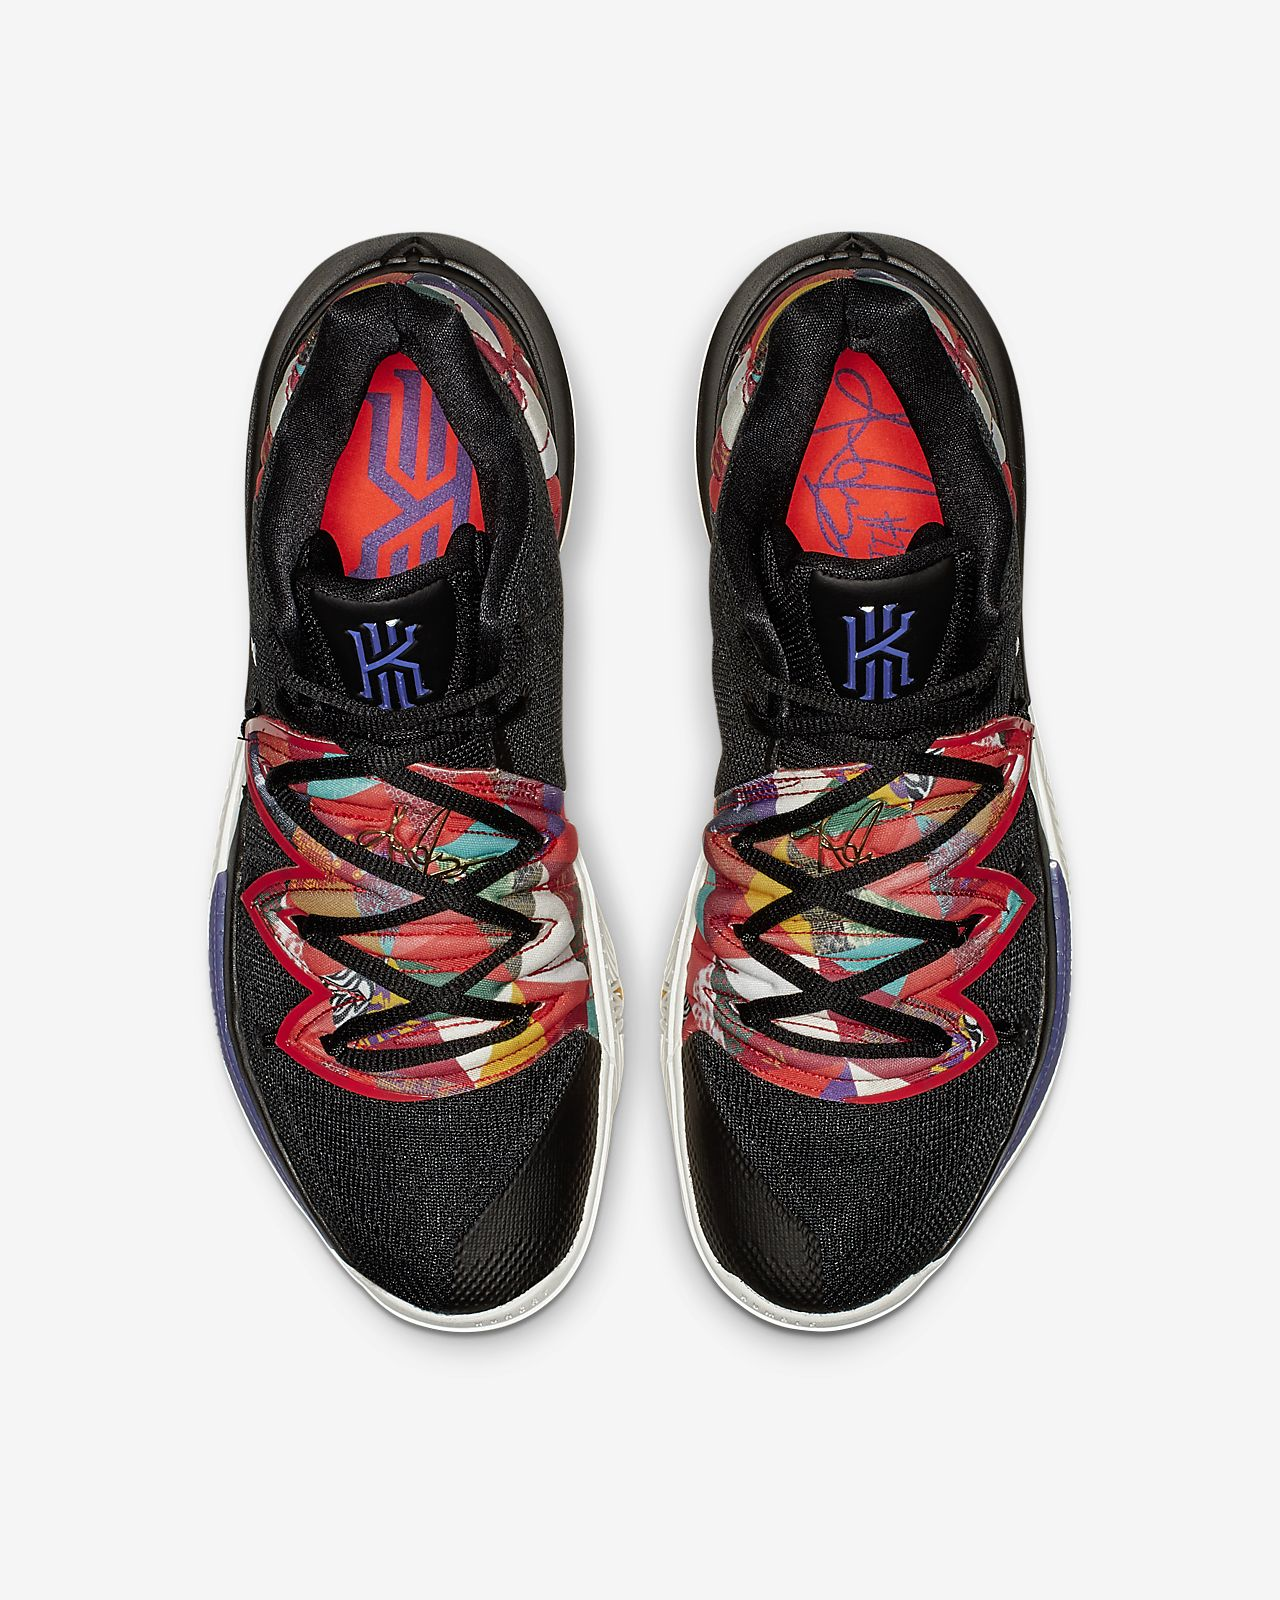 online store 69b5d 20113 Buty do koszykówki Kyrie 5 CNY. Nike.com PL